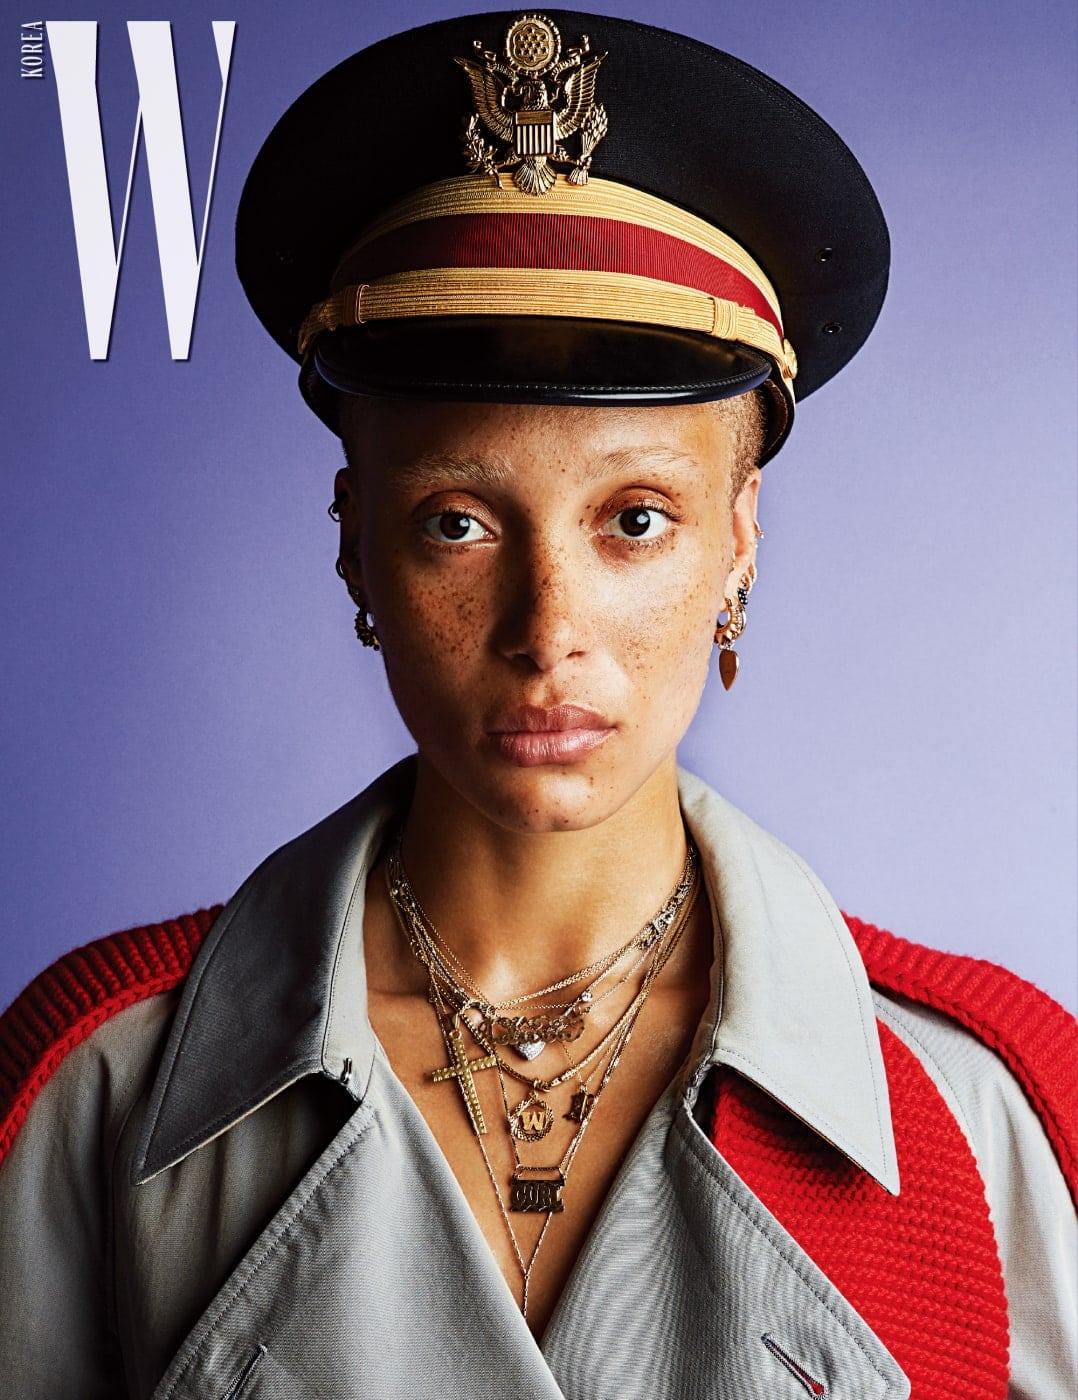 붉은색 니트 장식이 돋보이는 트렌치코트는 Burberry 제품. 밀리터리 모자는 스타일리스트 소장품.